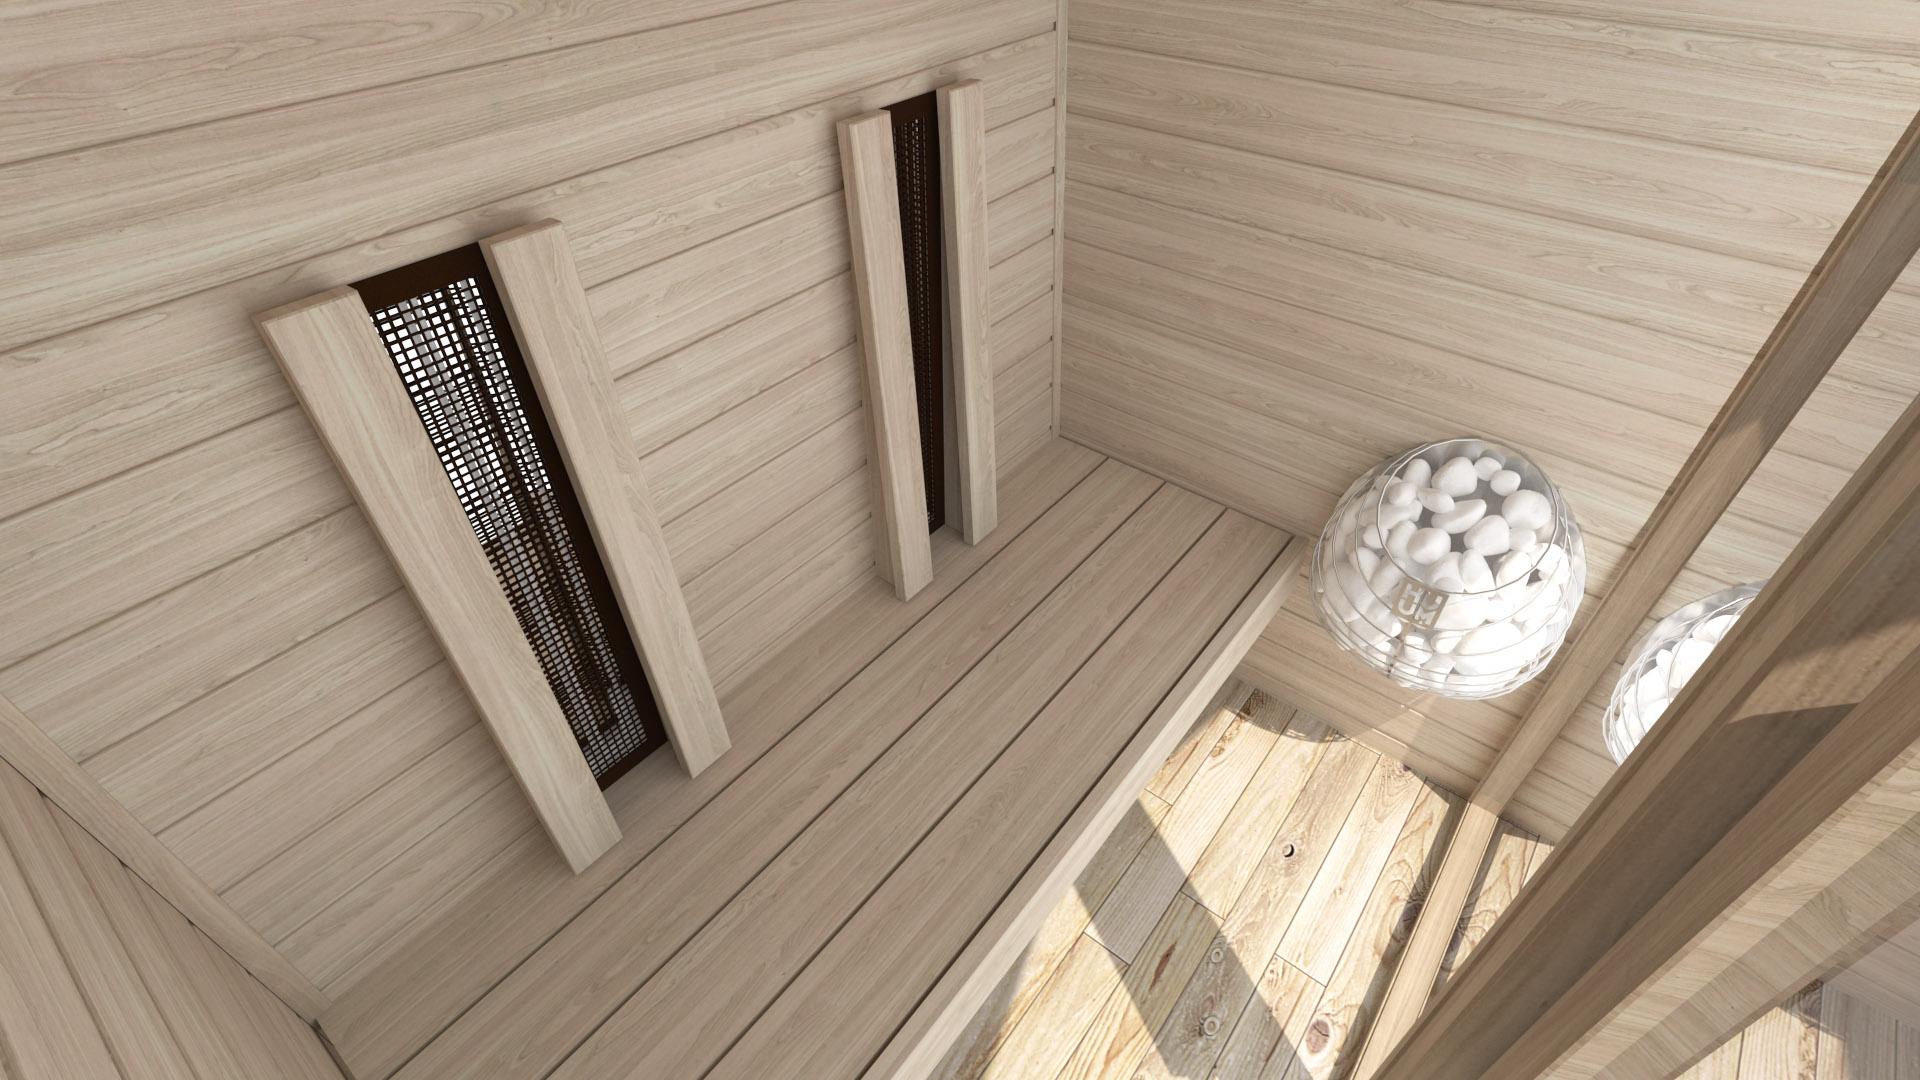 INUA Frigg udendoers kombi sauna_infraroed sauna3